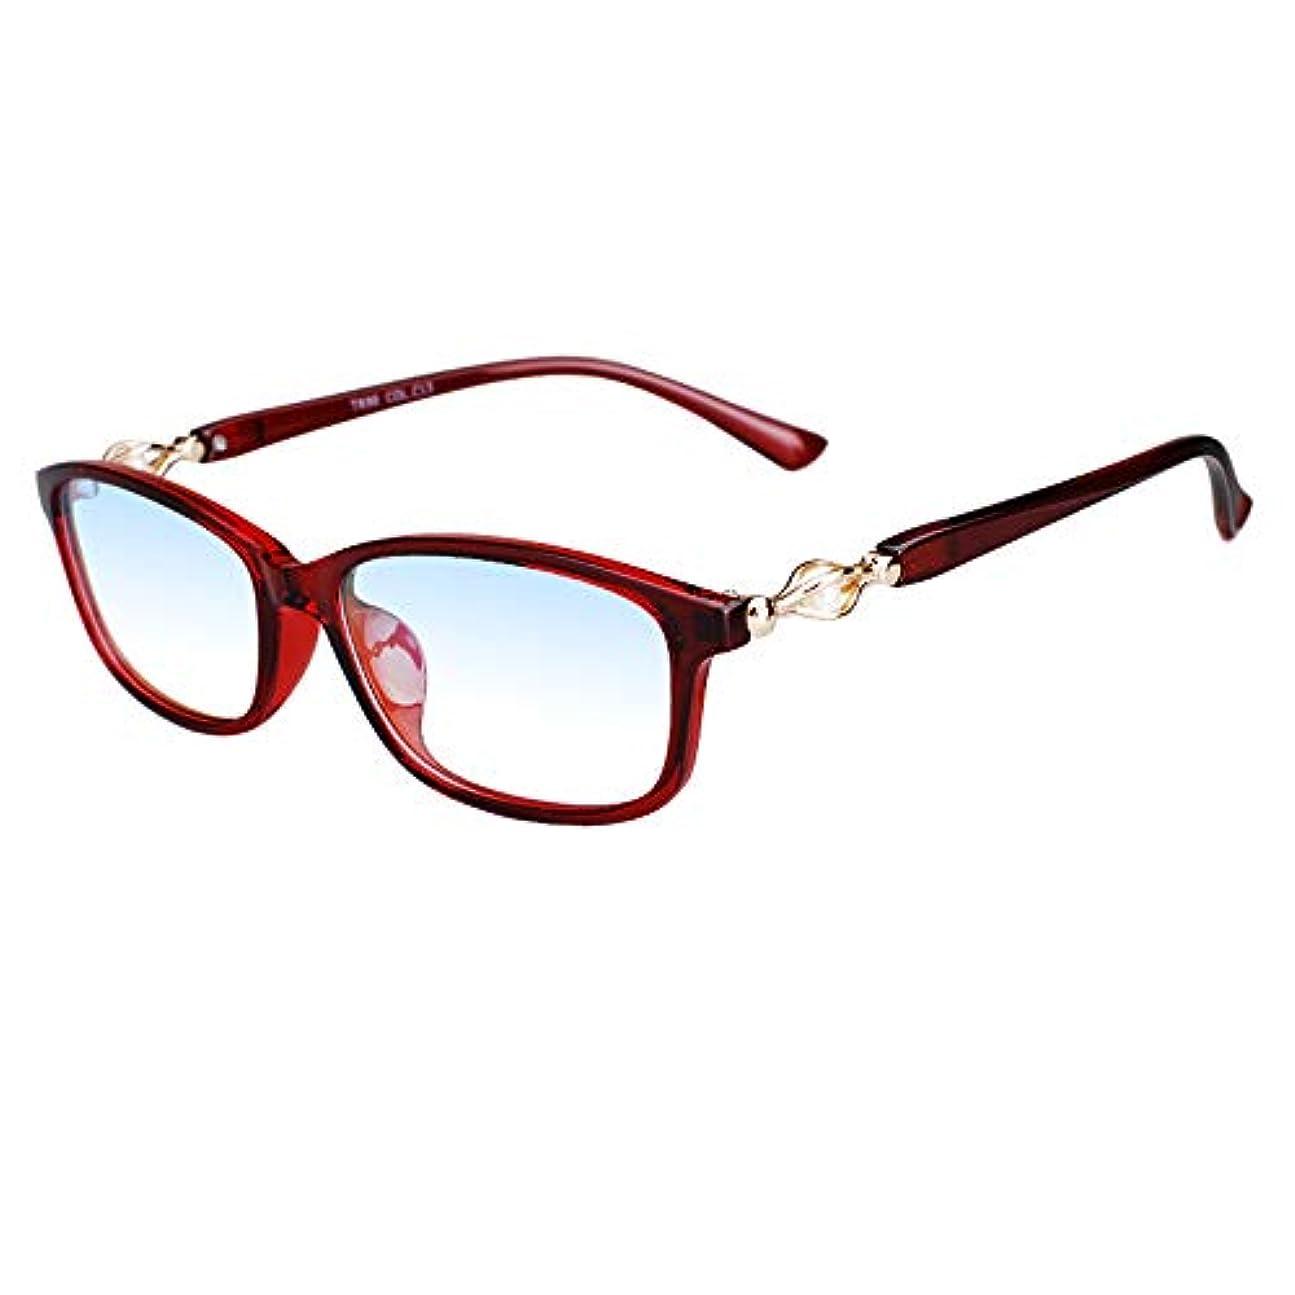 超軽量アンチブルーコンピューター老眼鏡、女性用老眼鏡、UV耐性樹脂透明レンズ、 ビーズデザインのテンプル、スプリングヒンジ老眼鏡